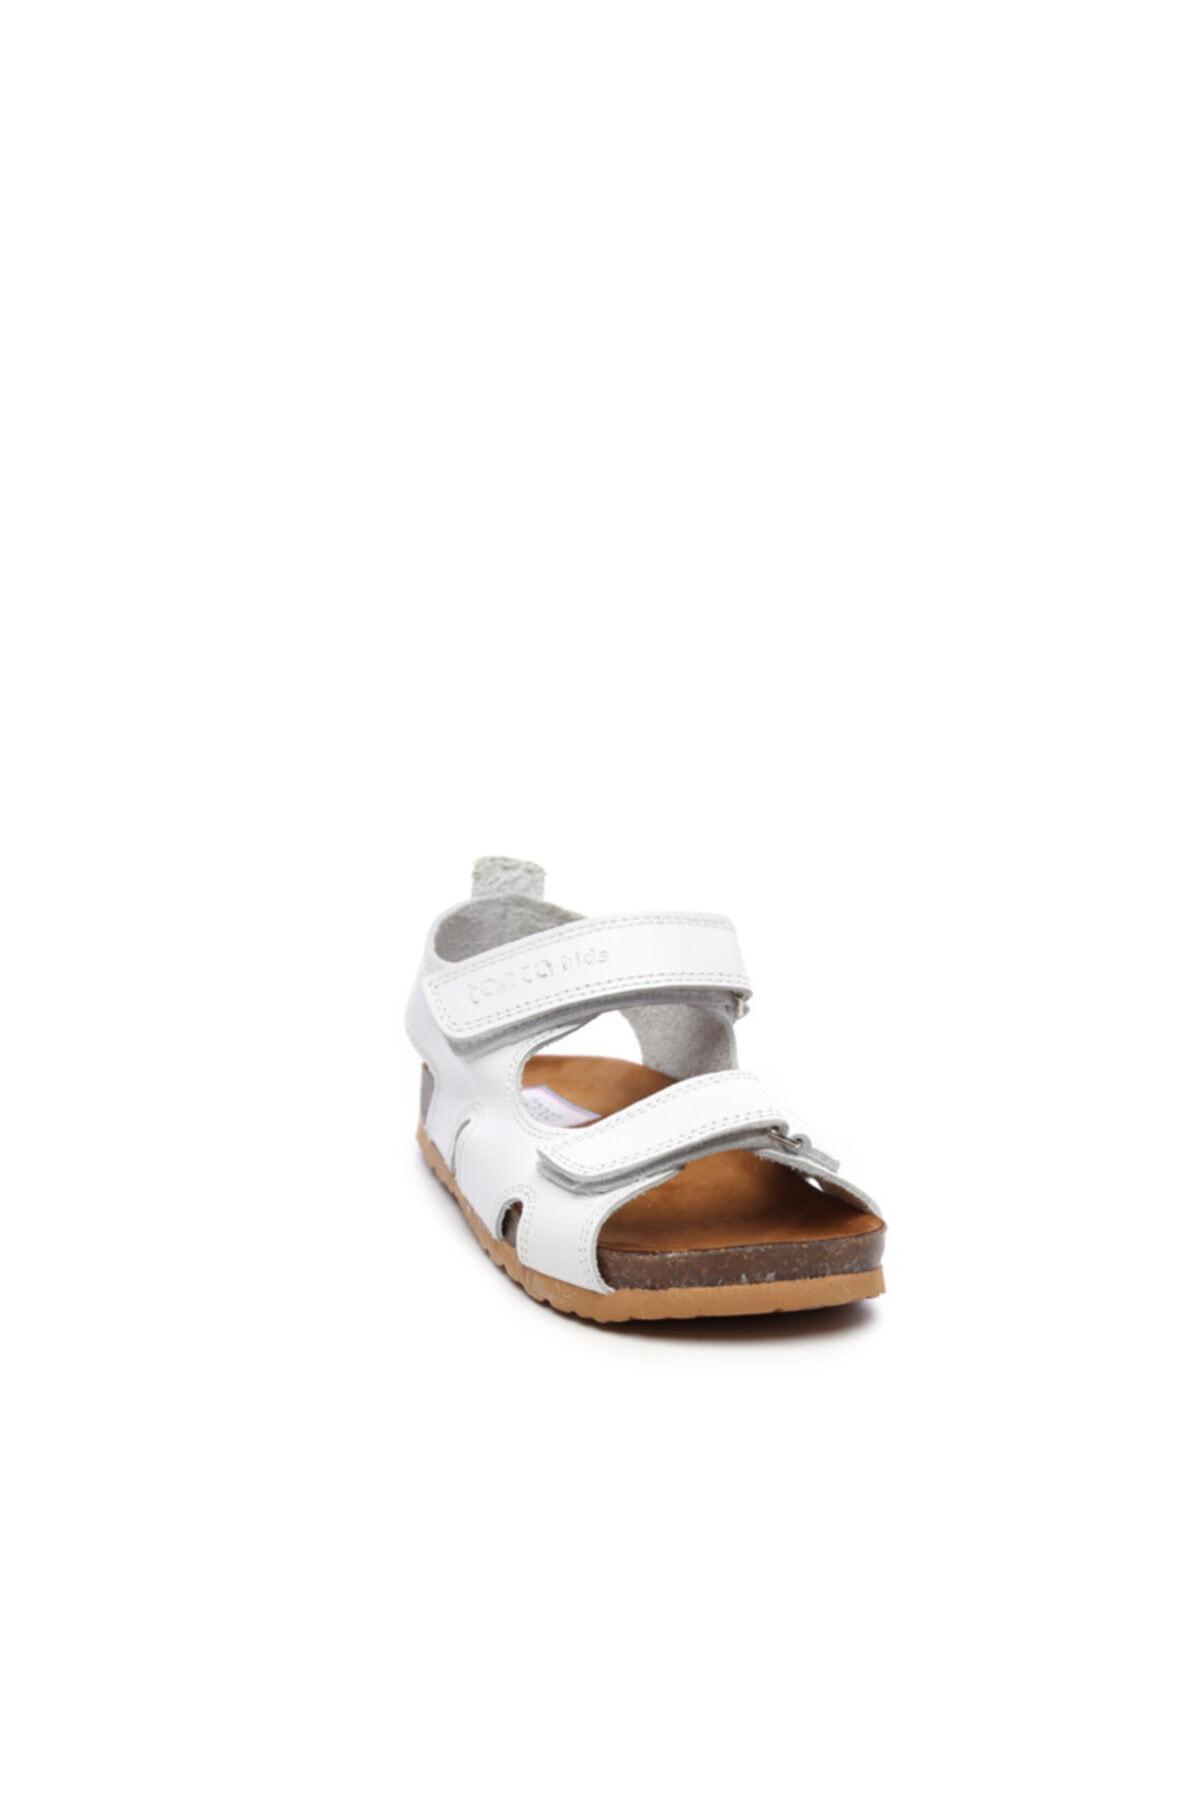 KEMAL TANCA Unisex Çocuk Beyaz Derı Sandalet 719 300 Cck 22-30 Y19 2